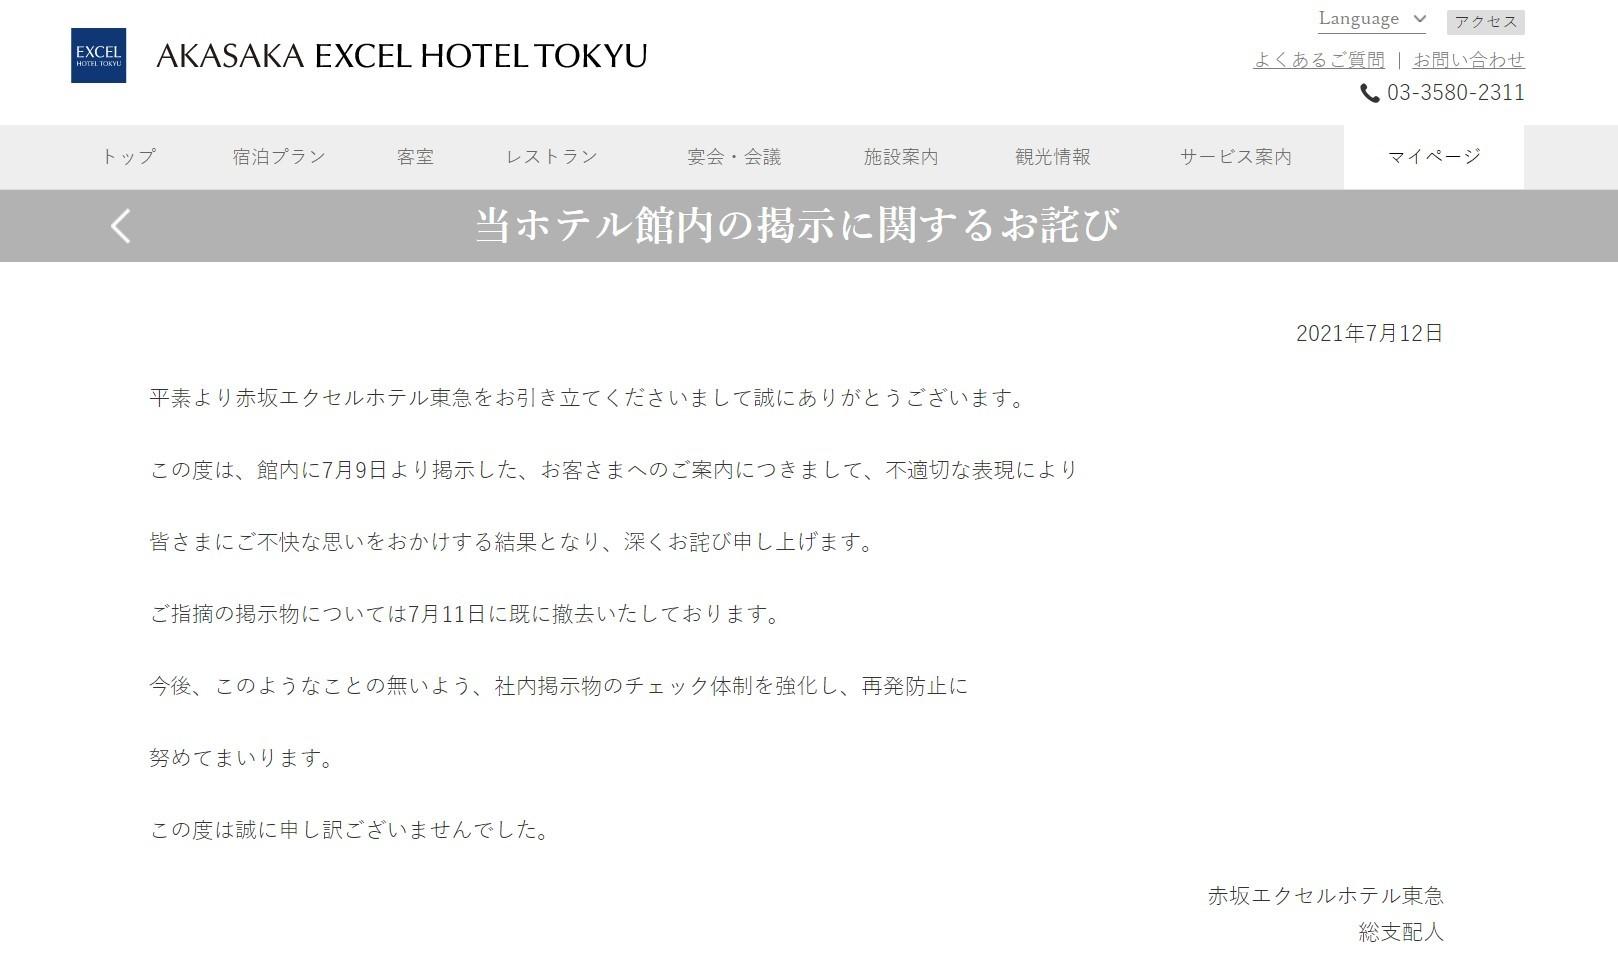 「皆さまにご不快な思いをおかけする結果となり、深くお詫(わ)び申し上げます」。赤坂エクセルホテル東急はホームページにお詫び文を掲載した=公式ホームページから